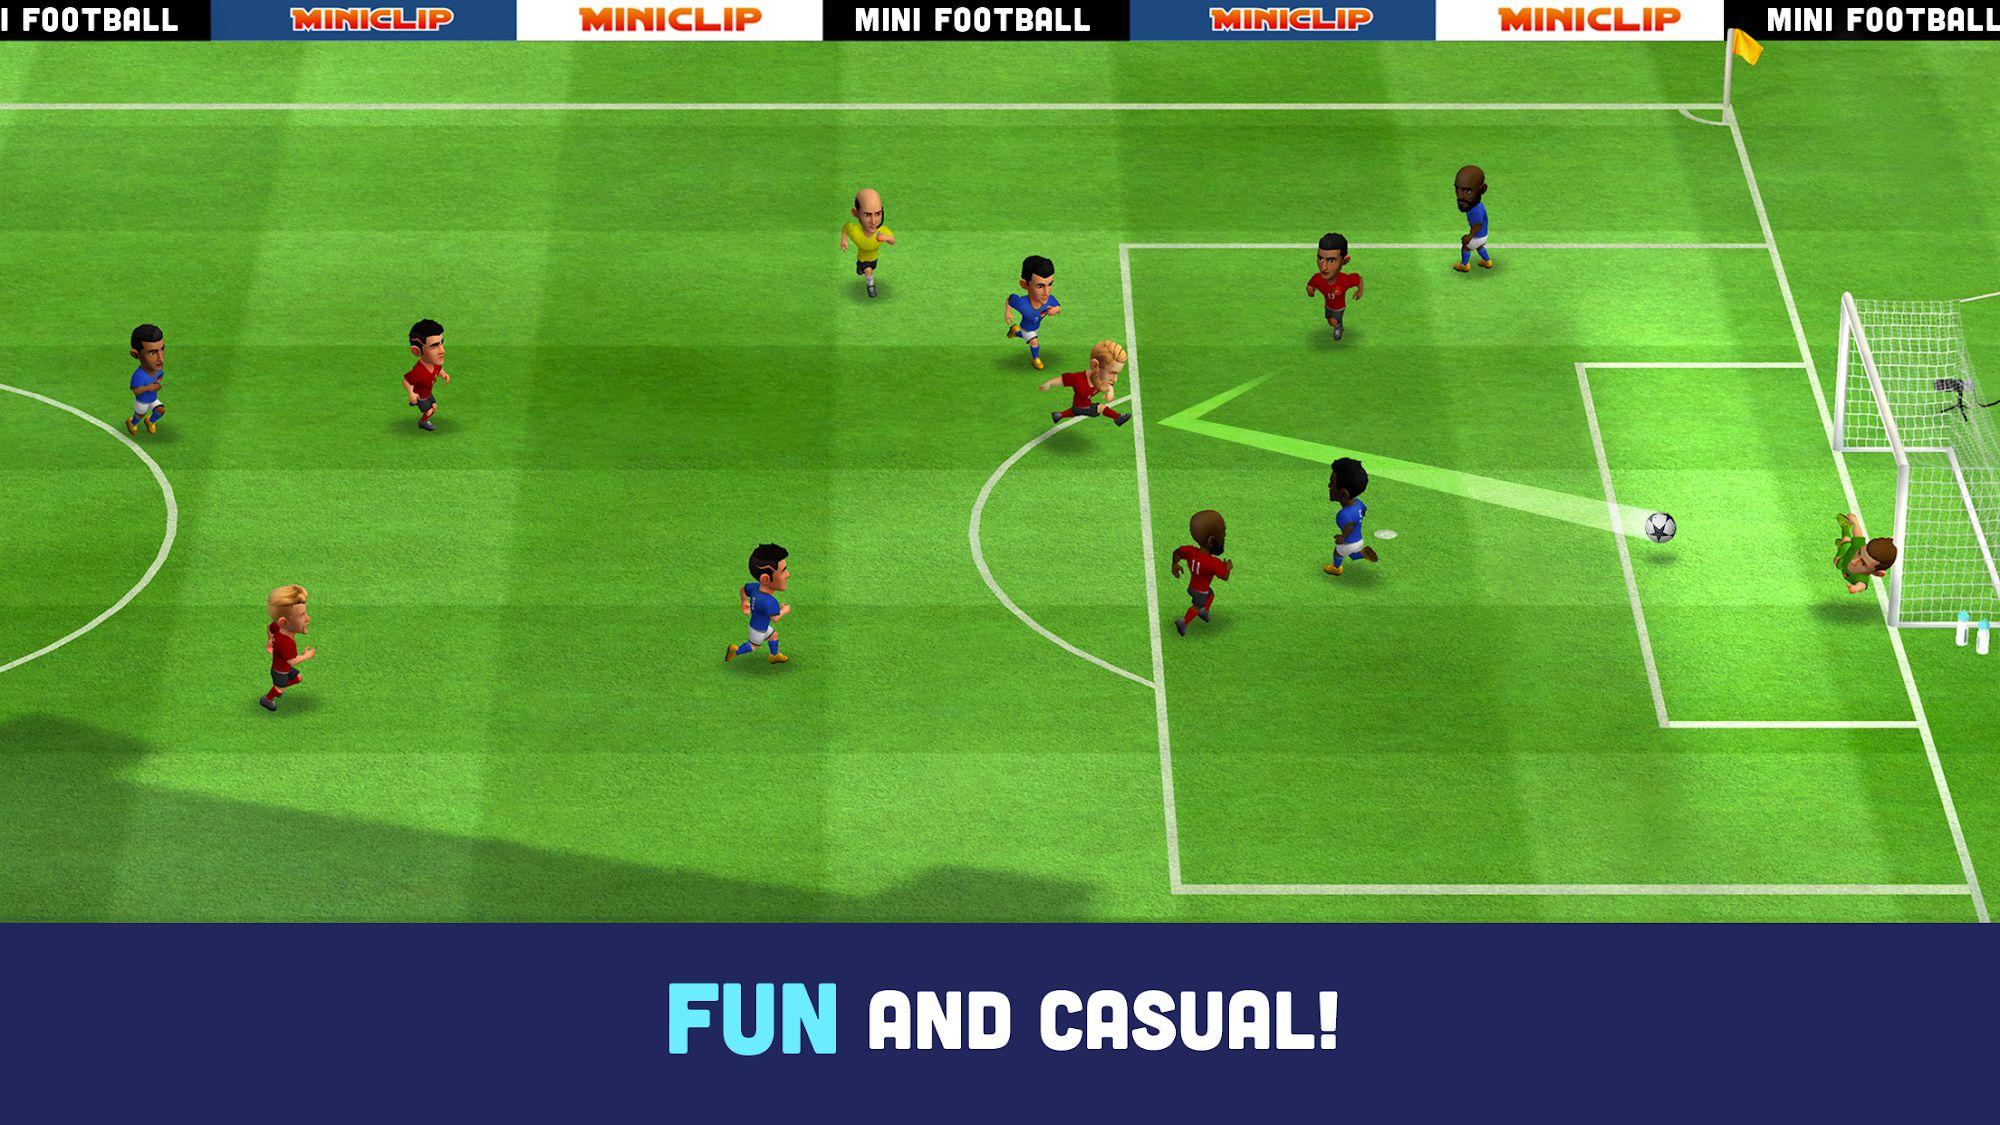 Mini Football capture d'écran 1